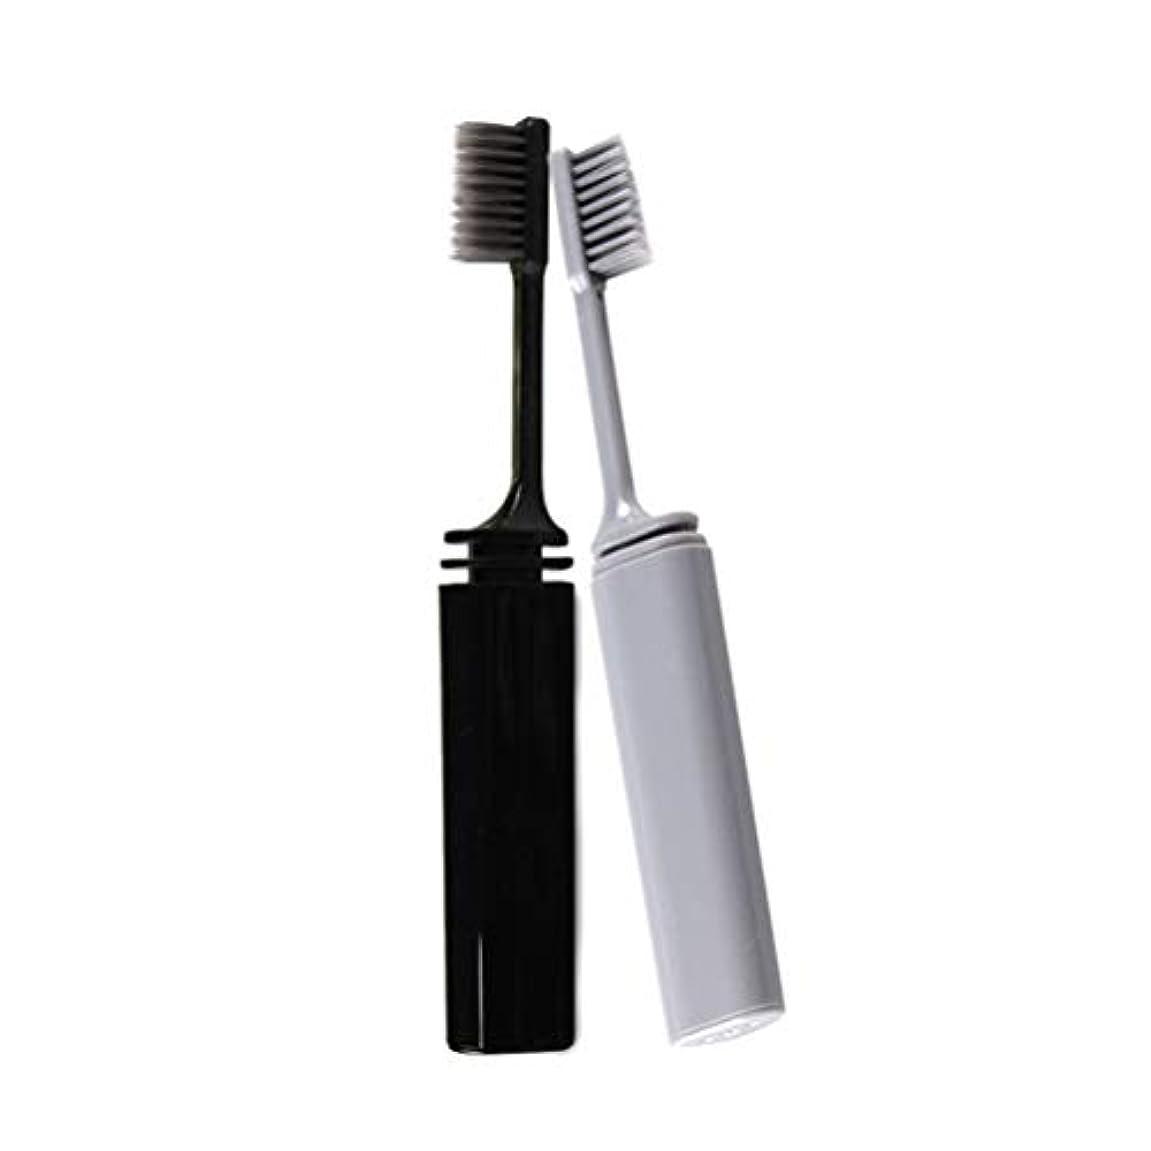 鎮痛剤寓話骨SUPVOX 2本旅行歯ブラシポータブル折りたたみ竹炭柔らかい剛毛歯ブラシ(グレーブラック)